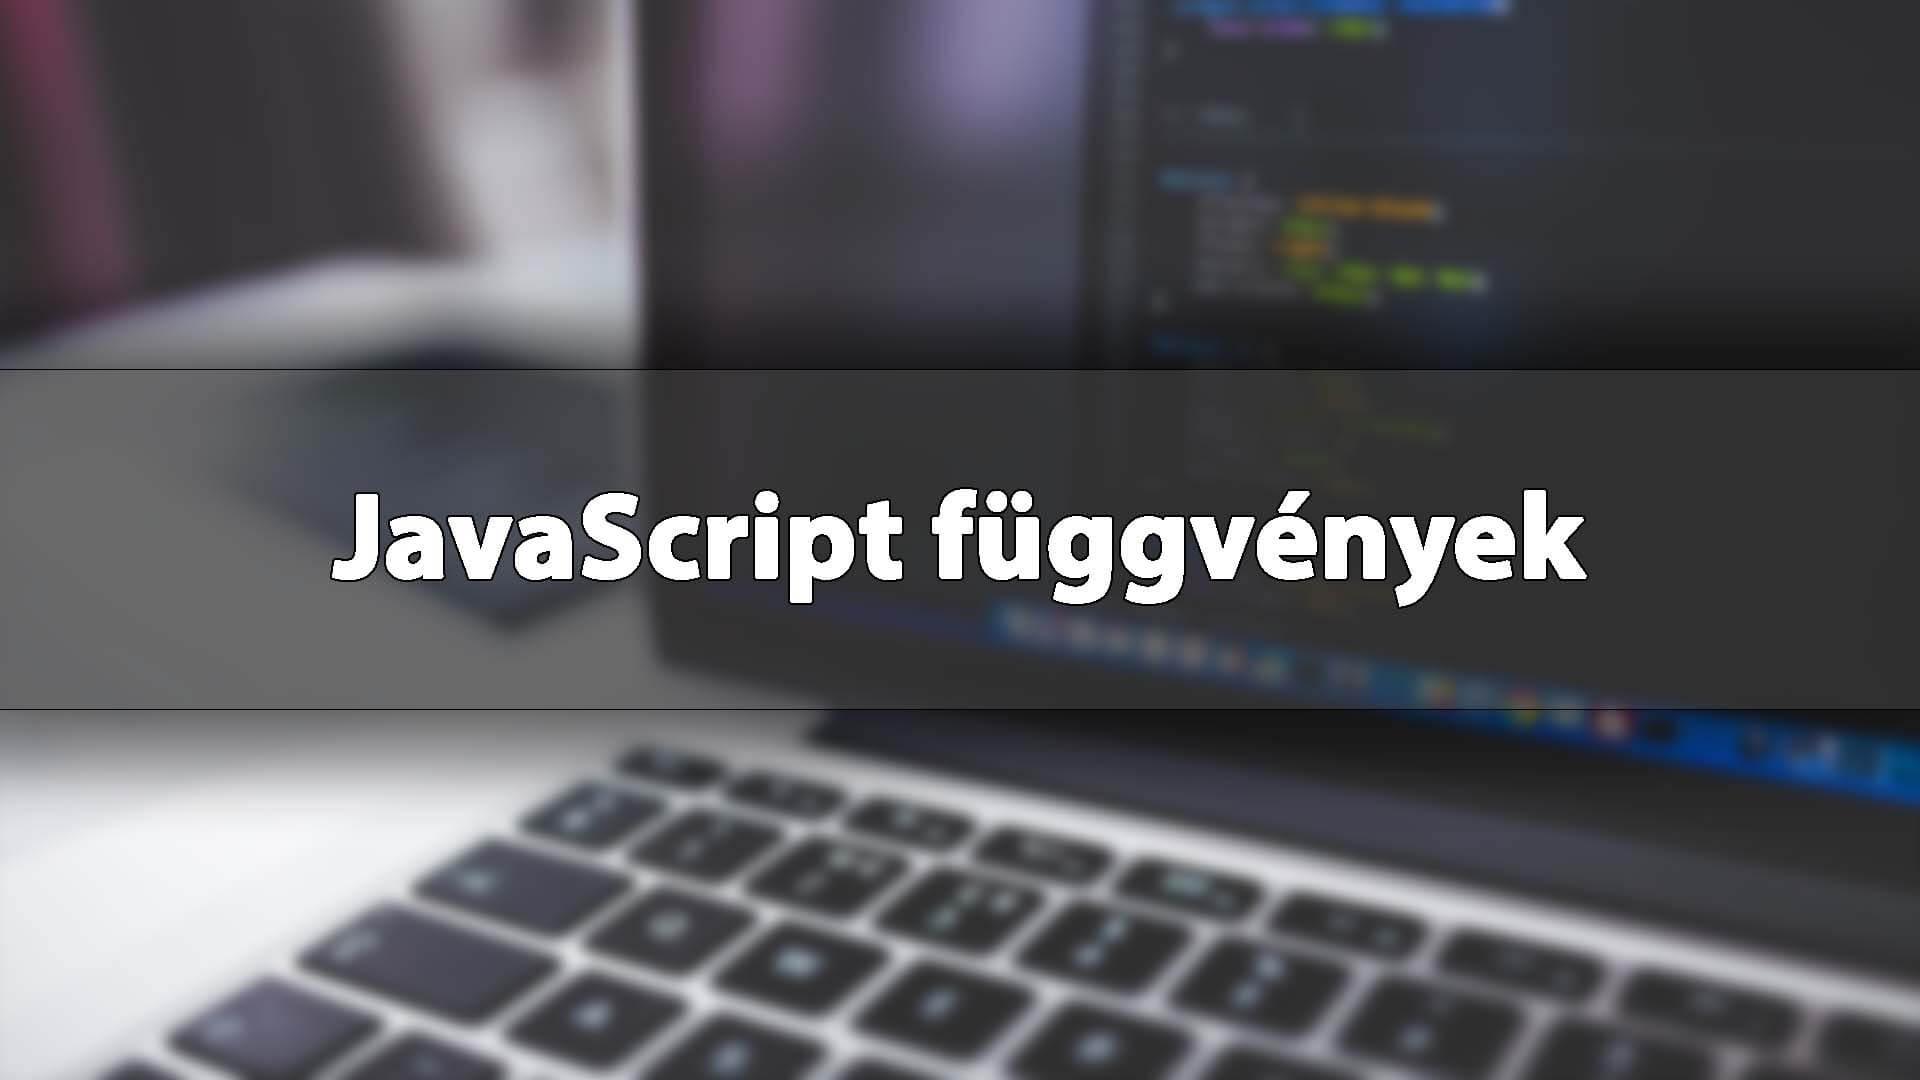 JavaScript függvények, eljárások, metódusok (JS függvény fogalma, létrehozása, meghívása) című cikk borítóképe